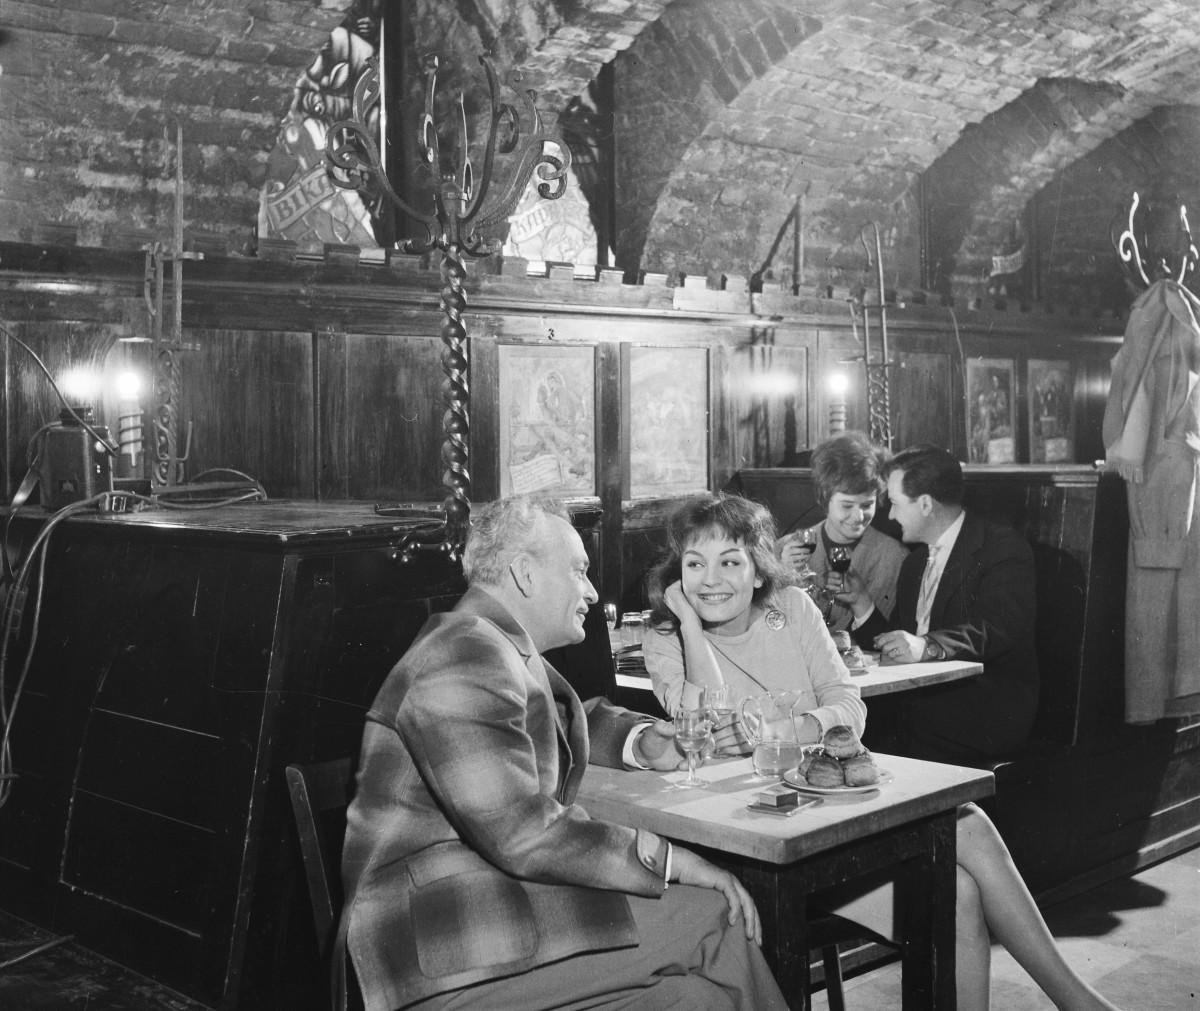 Szondy Pub and Tavern (Szondy Söröző és Borozó).